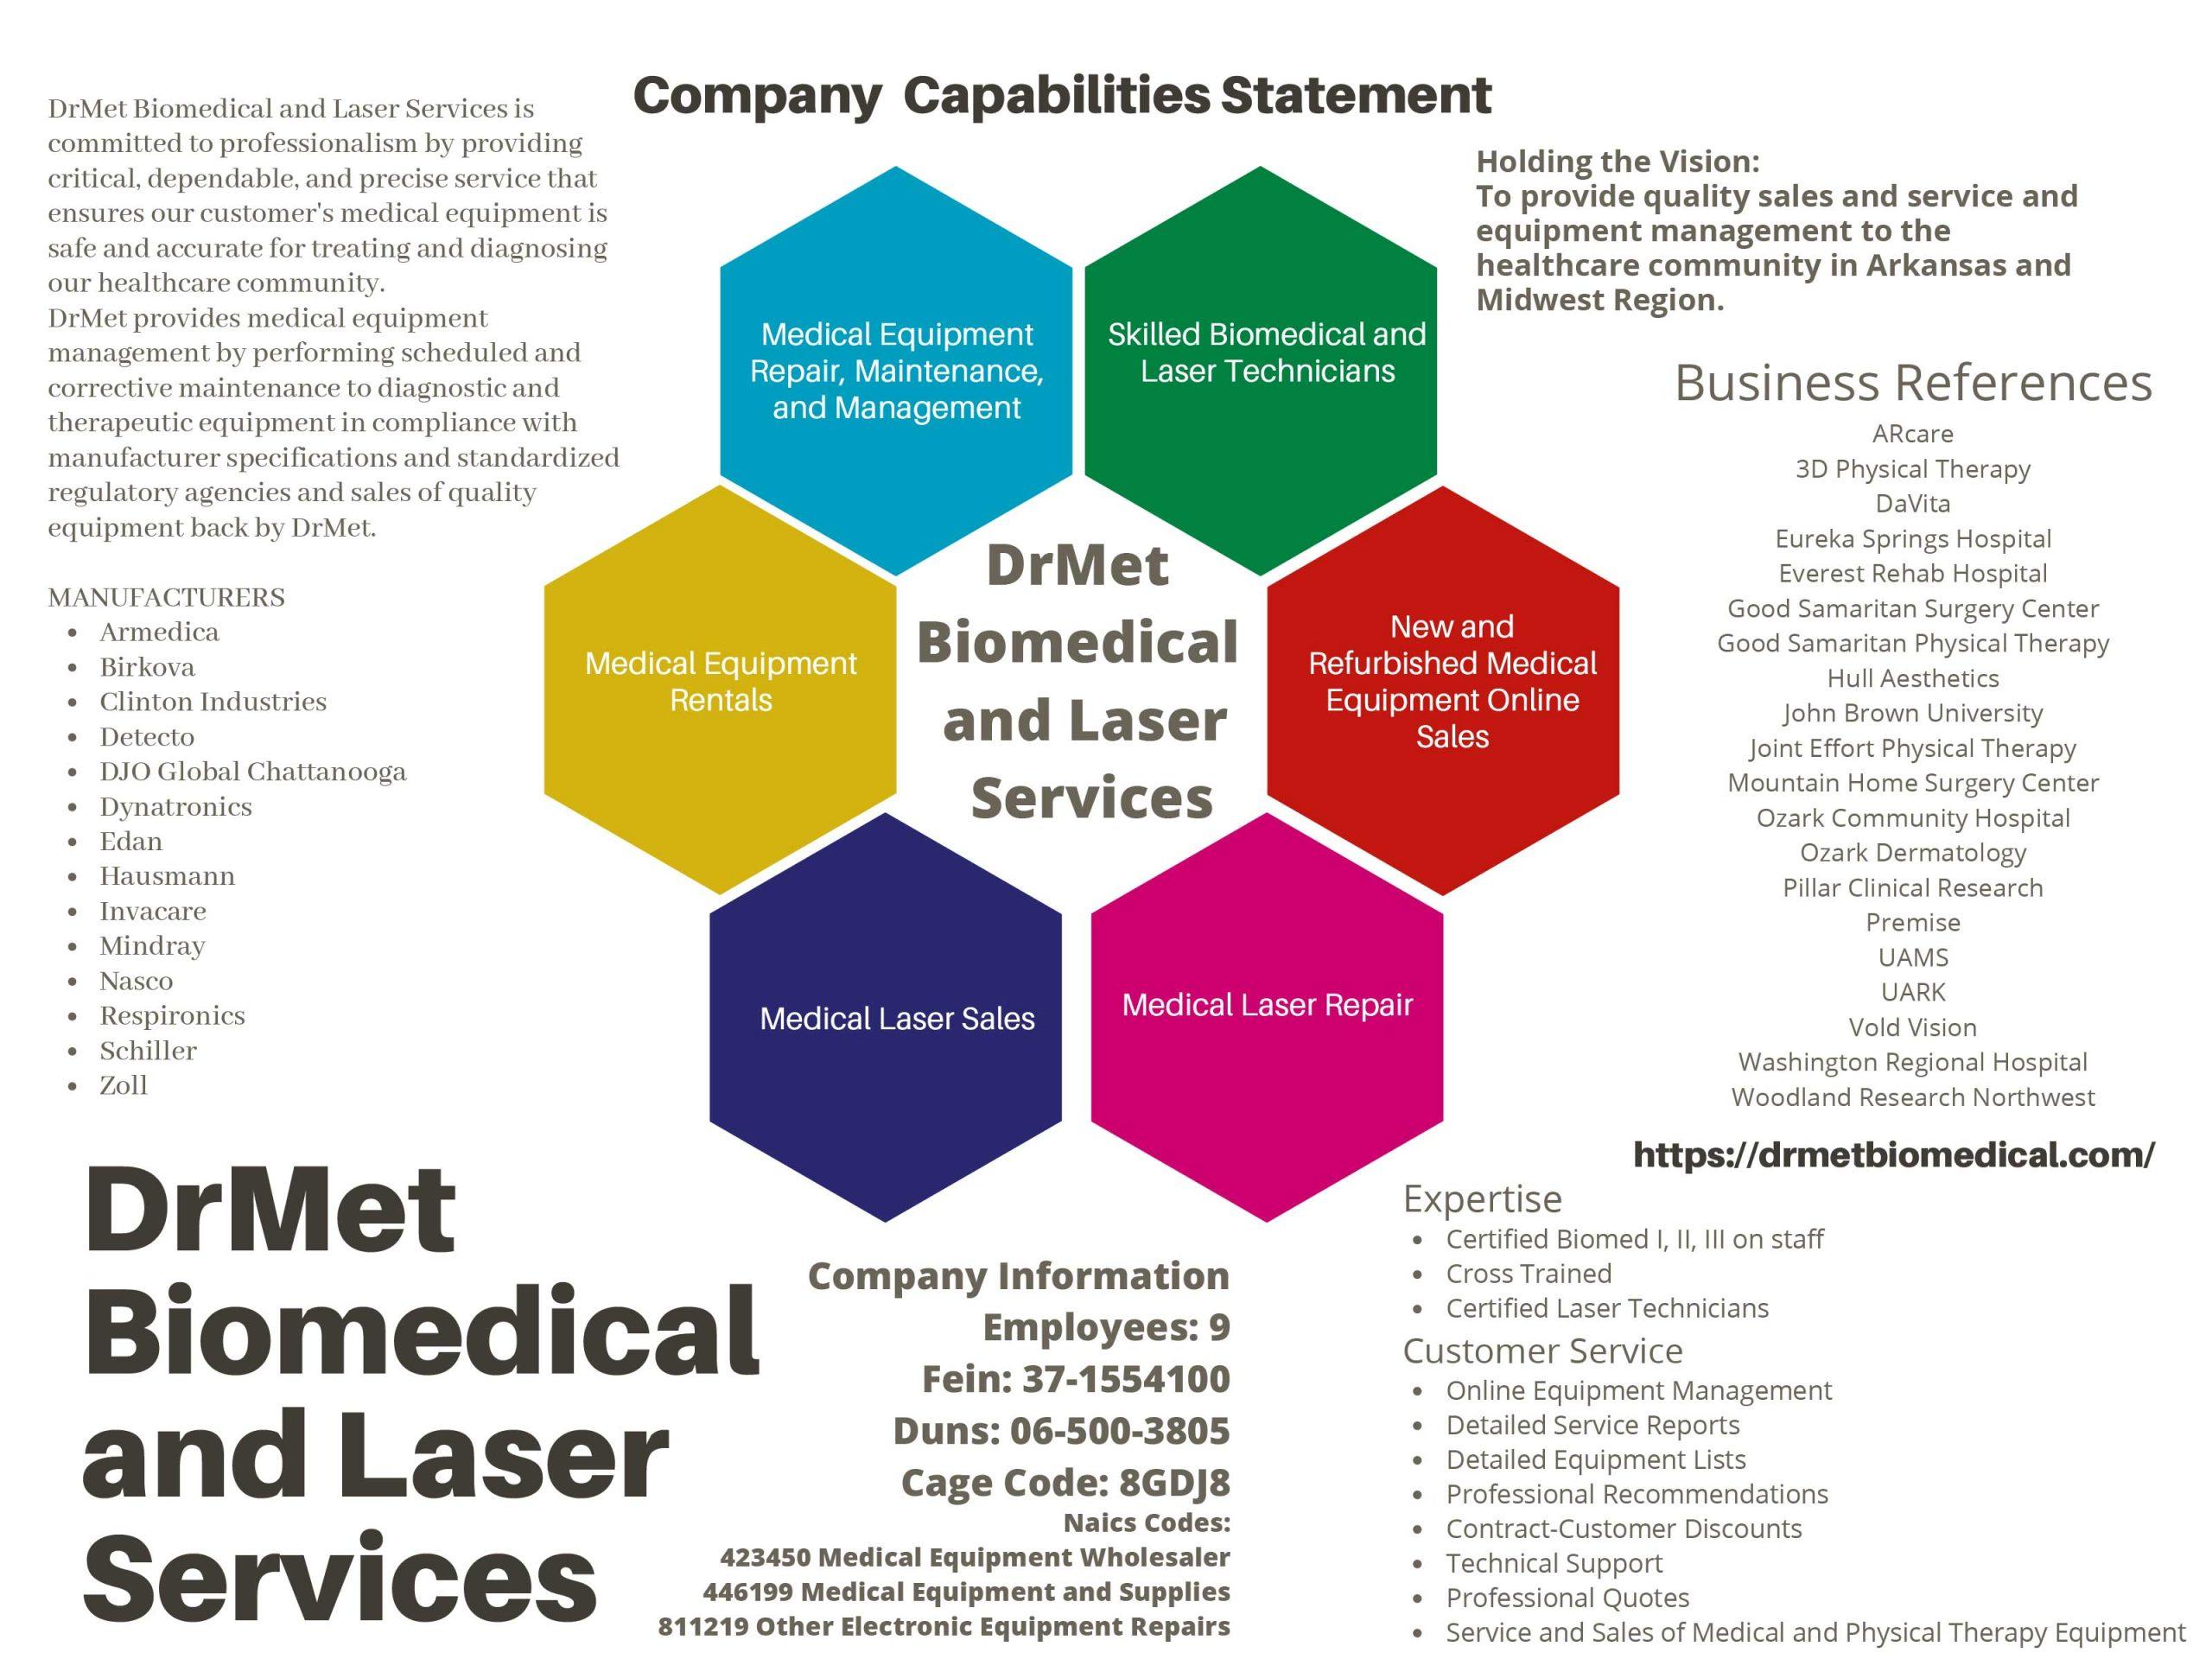 Dr Met Capabilities